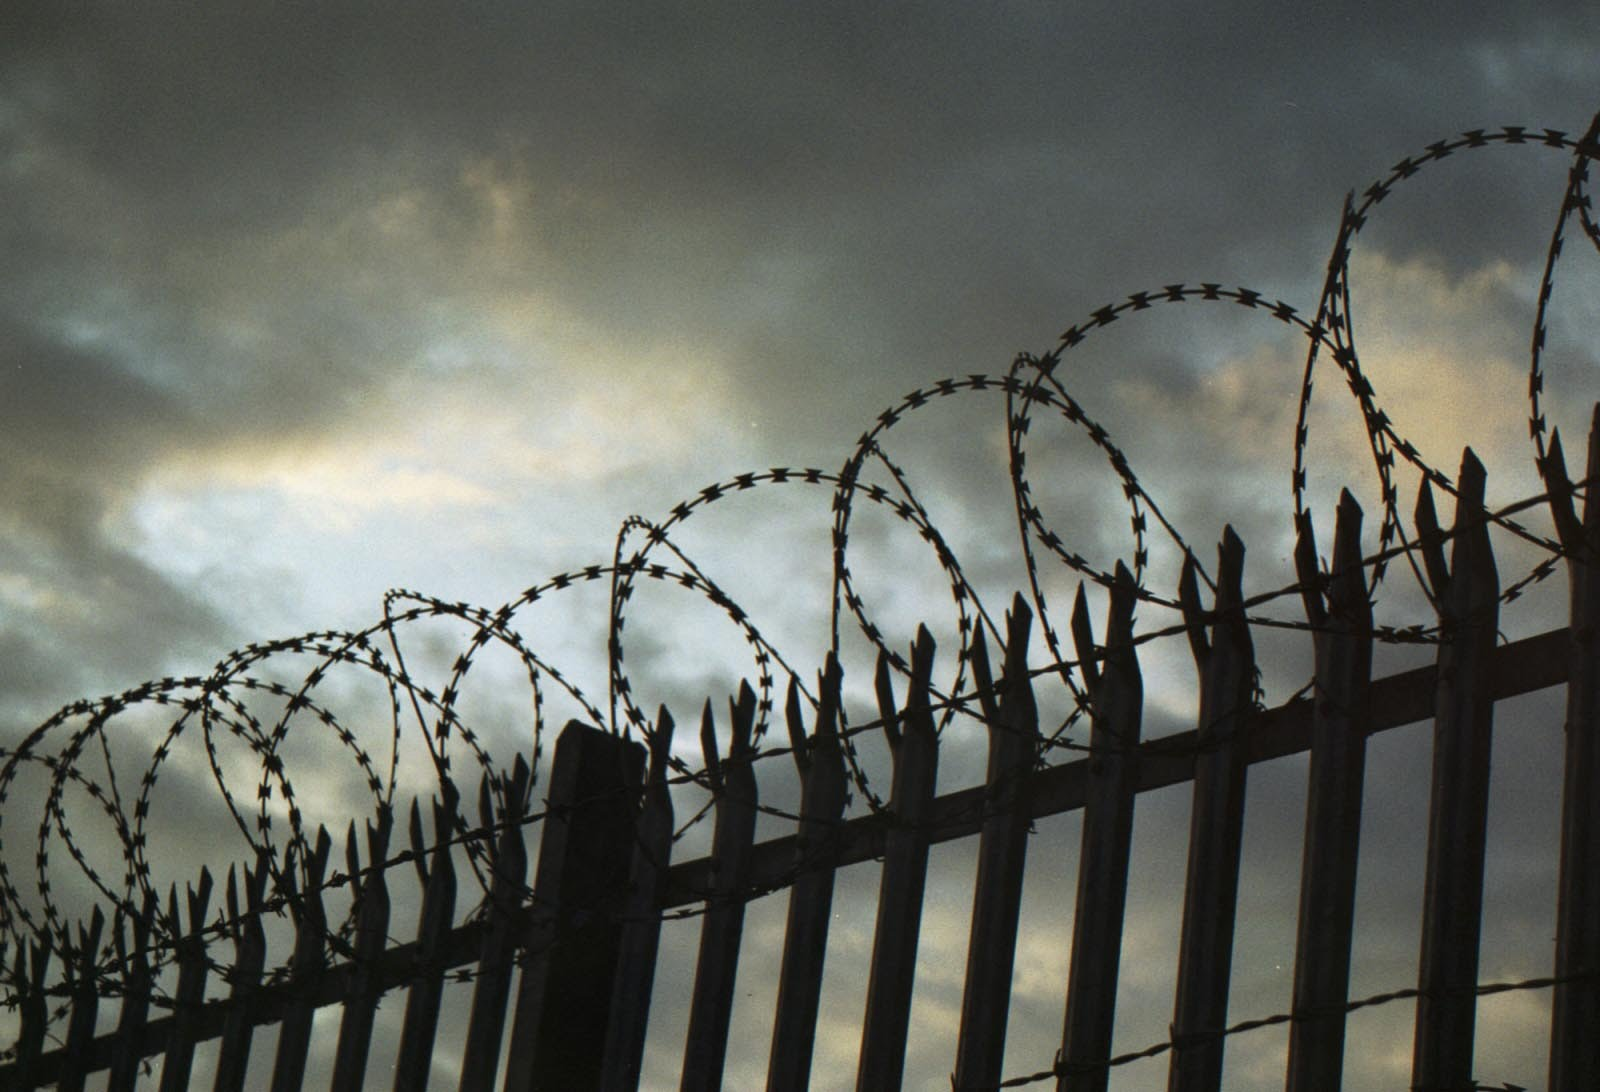 Забив знайомого до смерті: на Іванківщині засуджений отримав 7 років за ґратами -  - tyuryaga